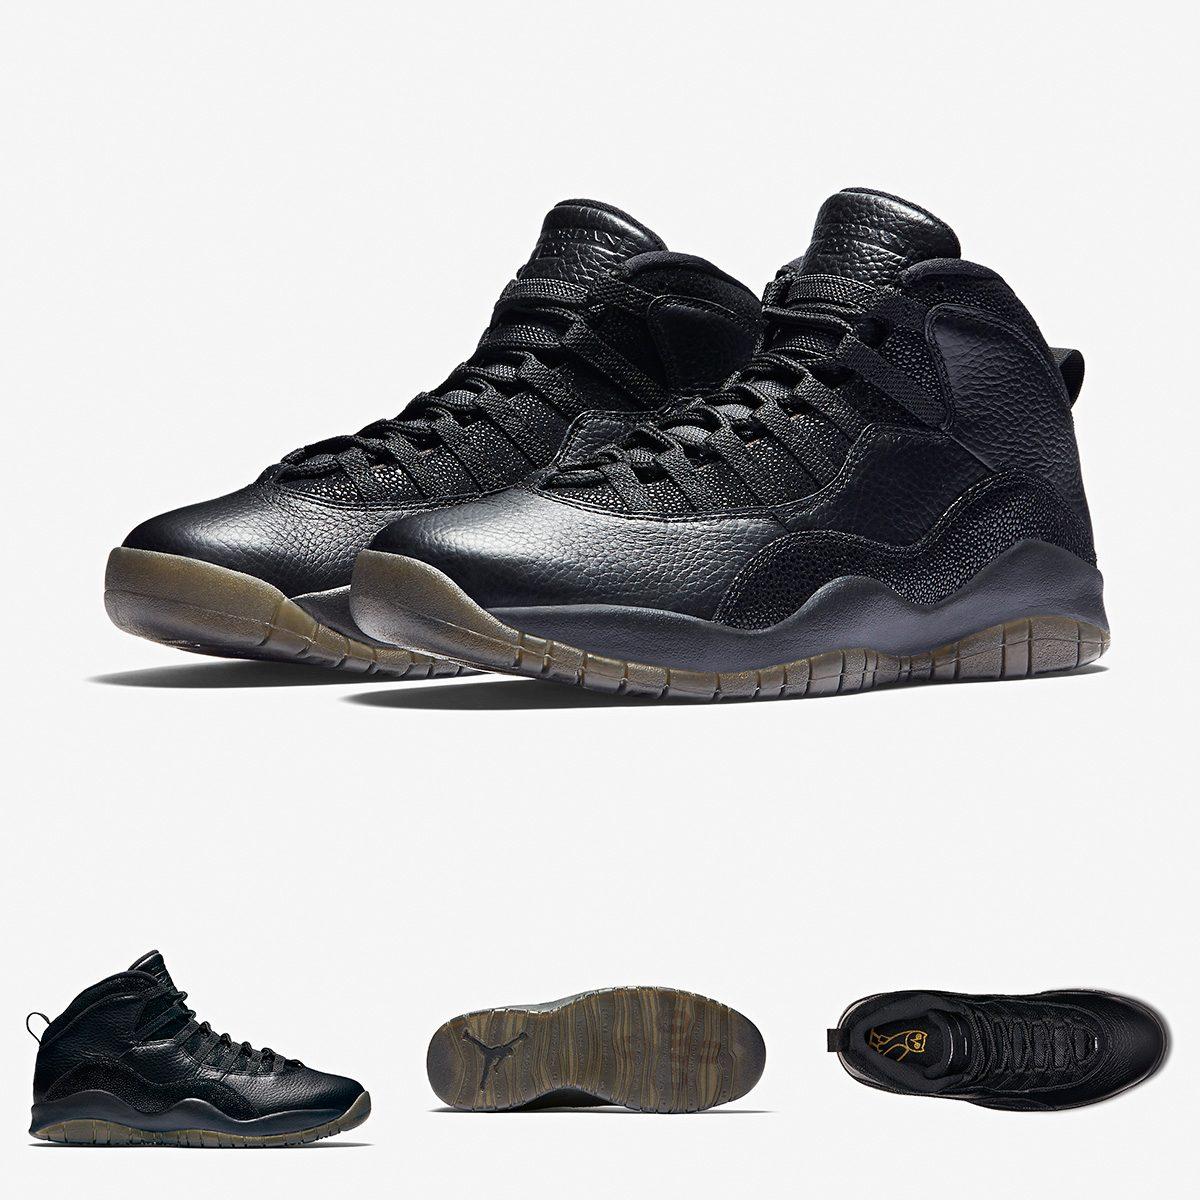 e6c4a9b518e3 Zapatillas Nike Air Jordan 10 Retro